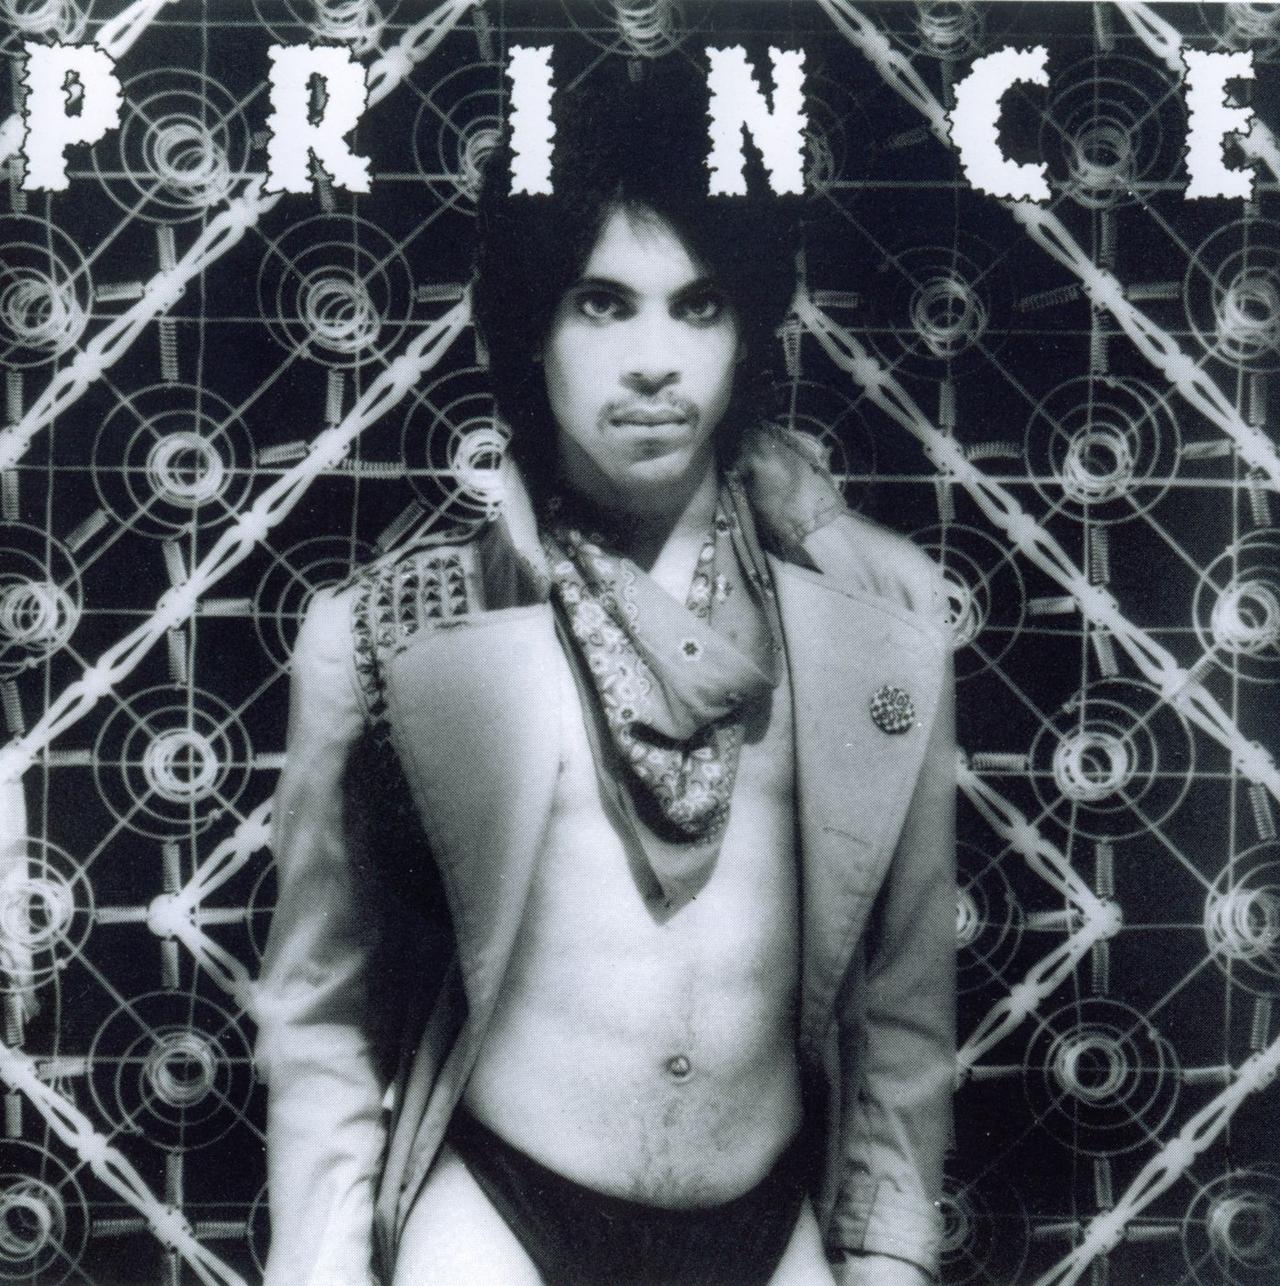 Prince 11